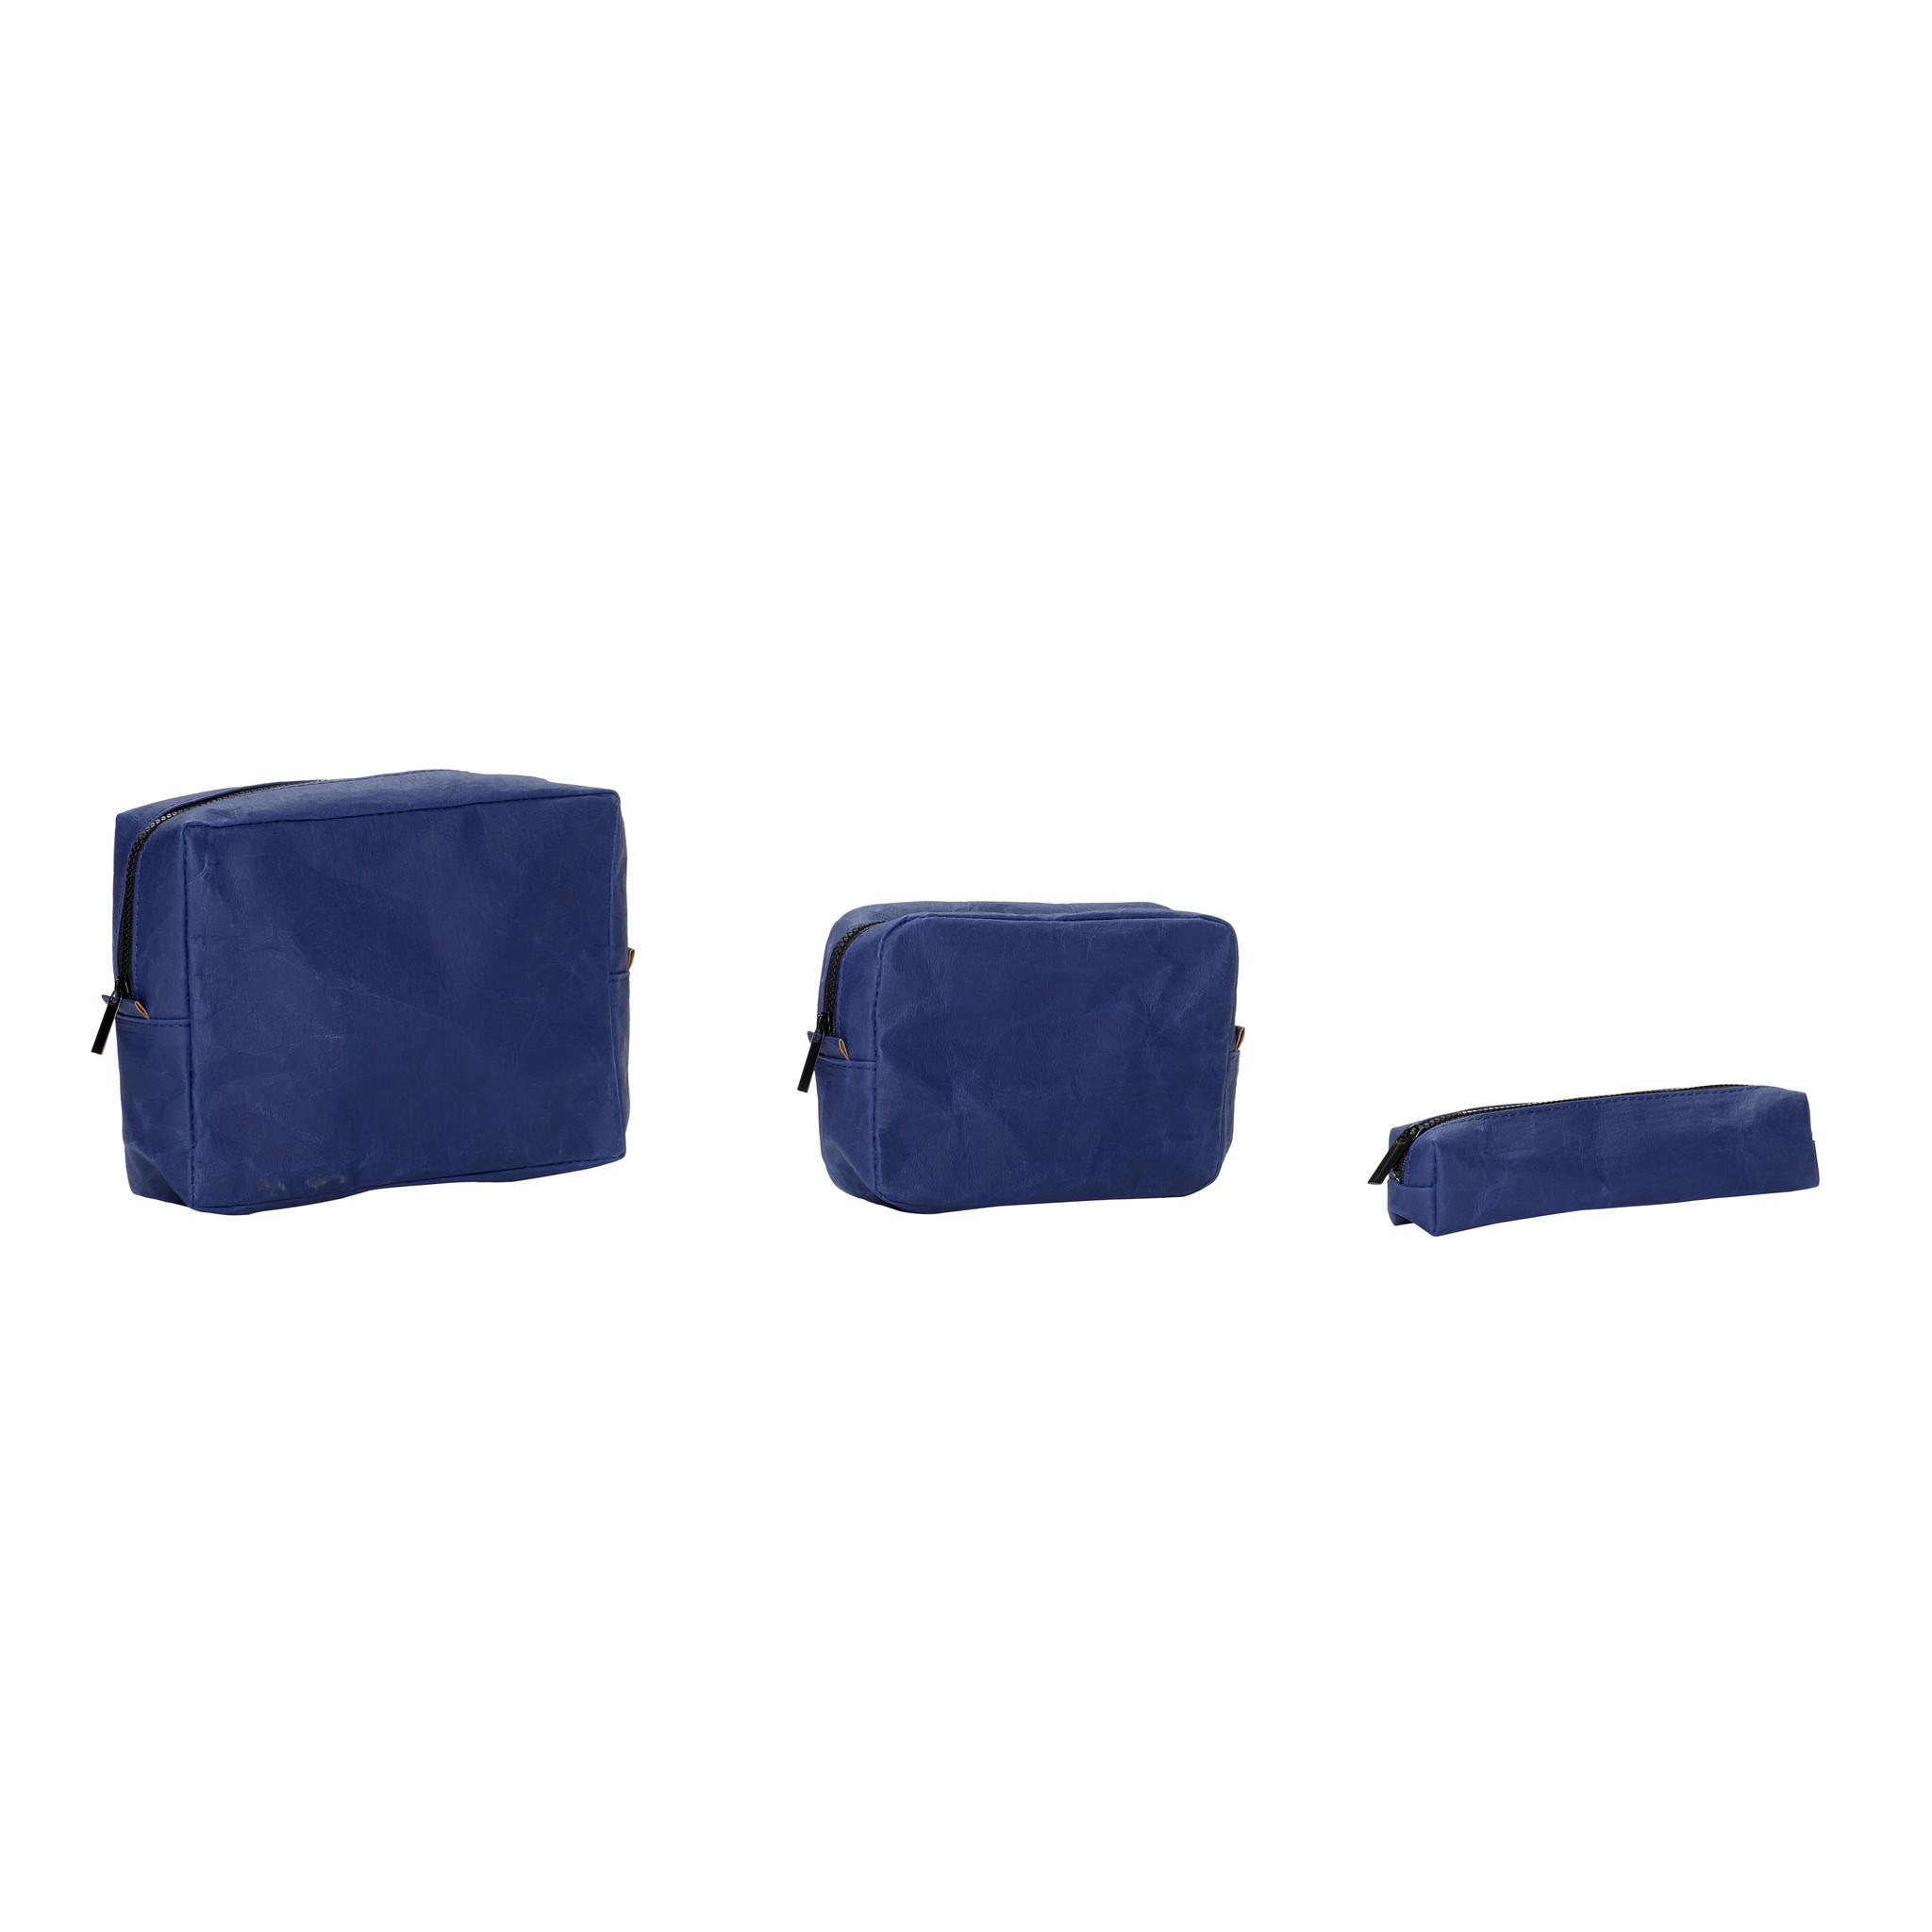 Hubsch Etui, vierkant, wasbaar papier, blauw, set van 3-180508-5712772061466